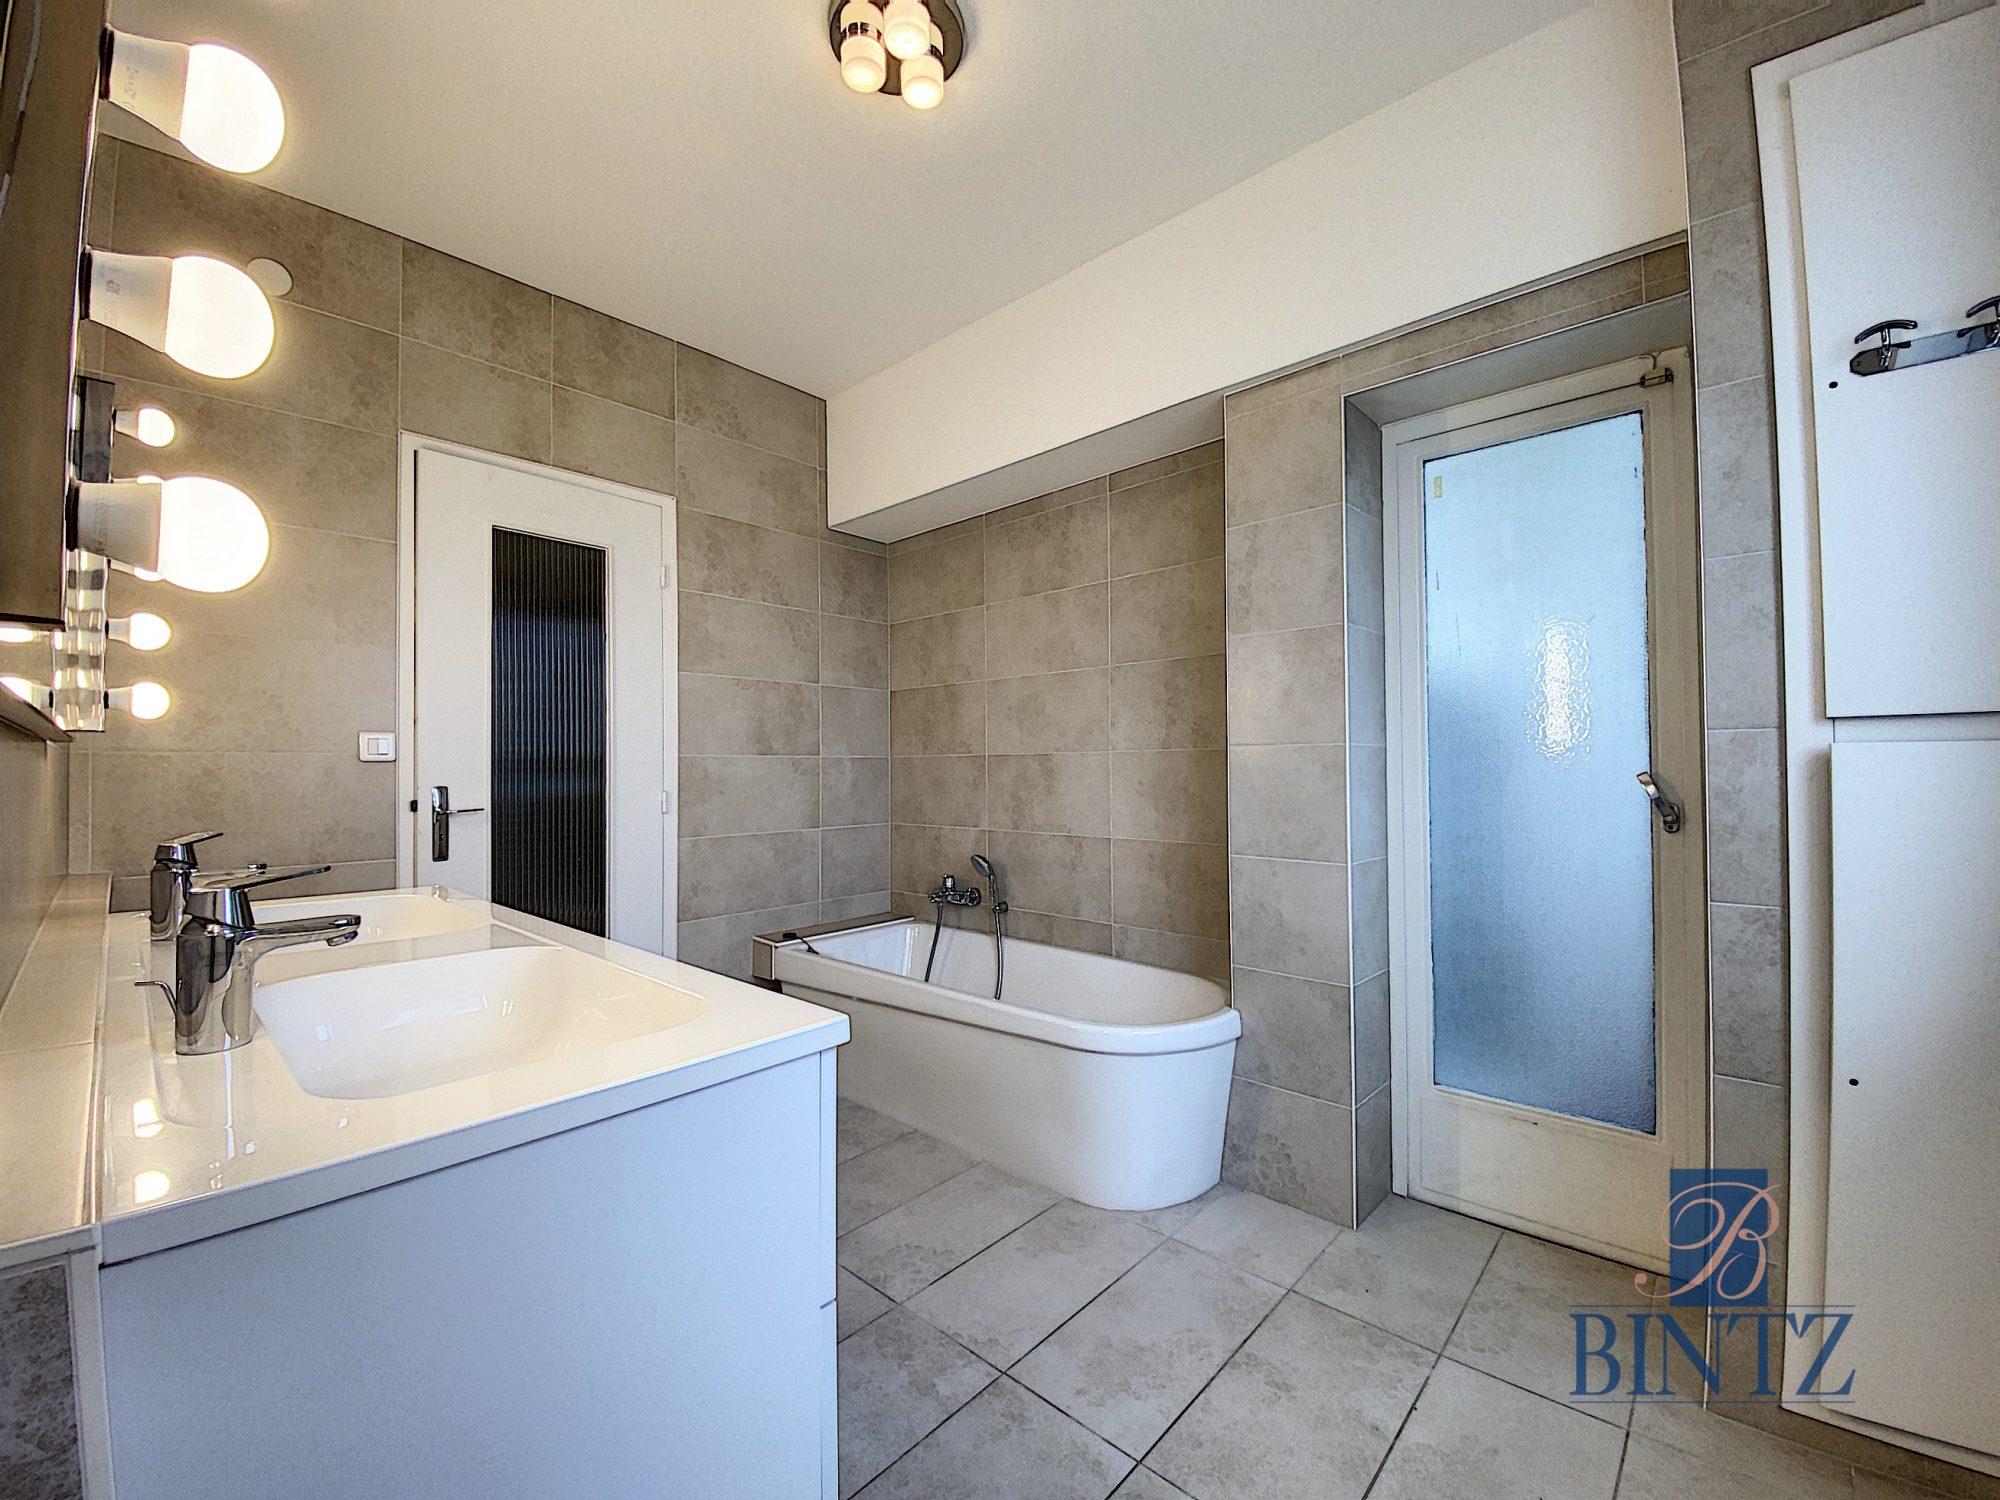 5-6 PIÈCES QUARTIER CONTADES - Devenez locataire en toute sérénité - Bintz Immobilier - 8